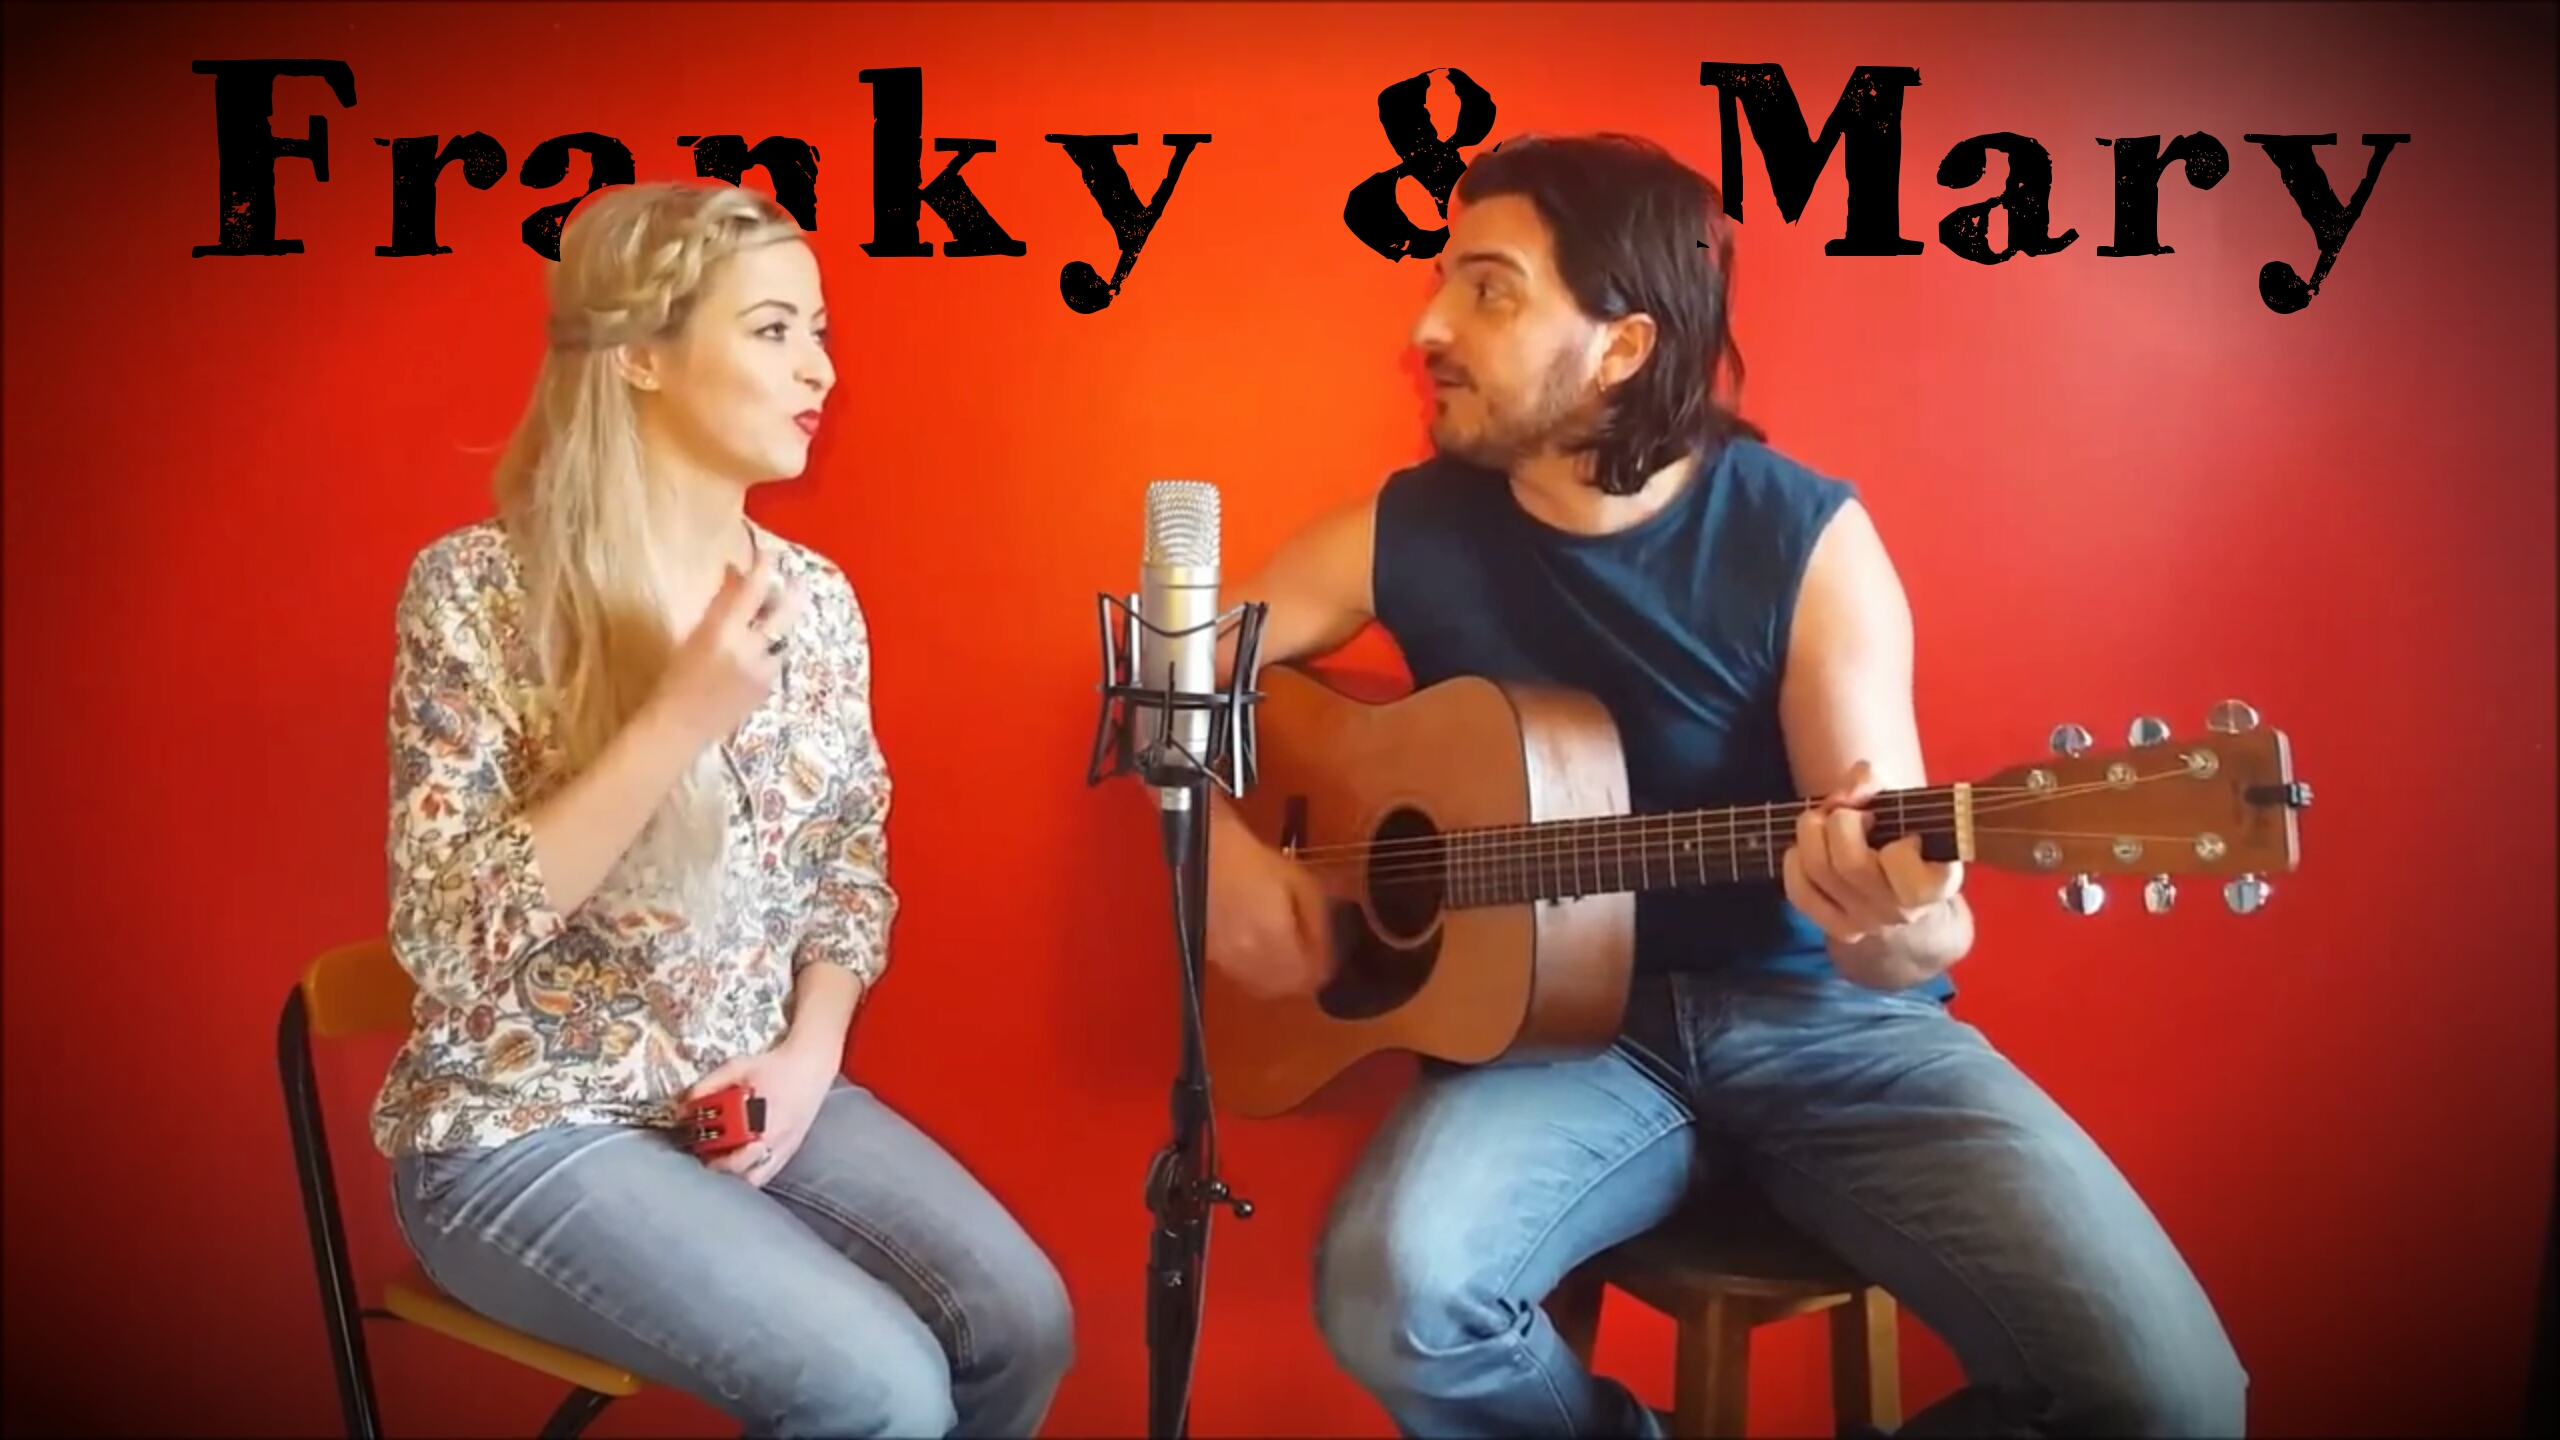 FRANKY & MARY MEDLEY